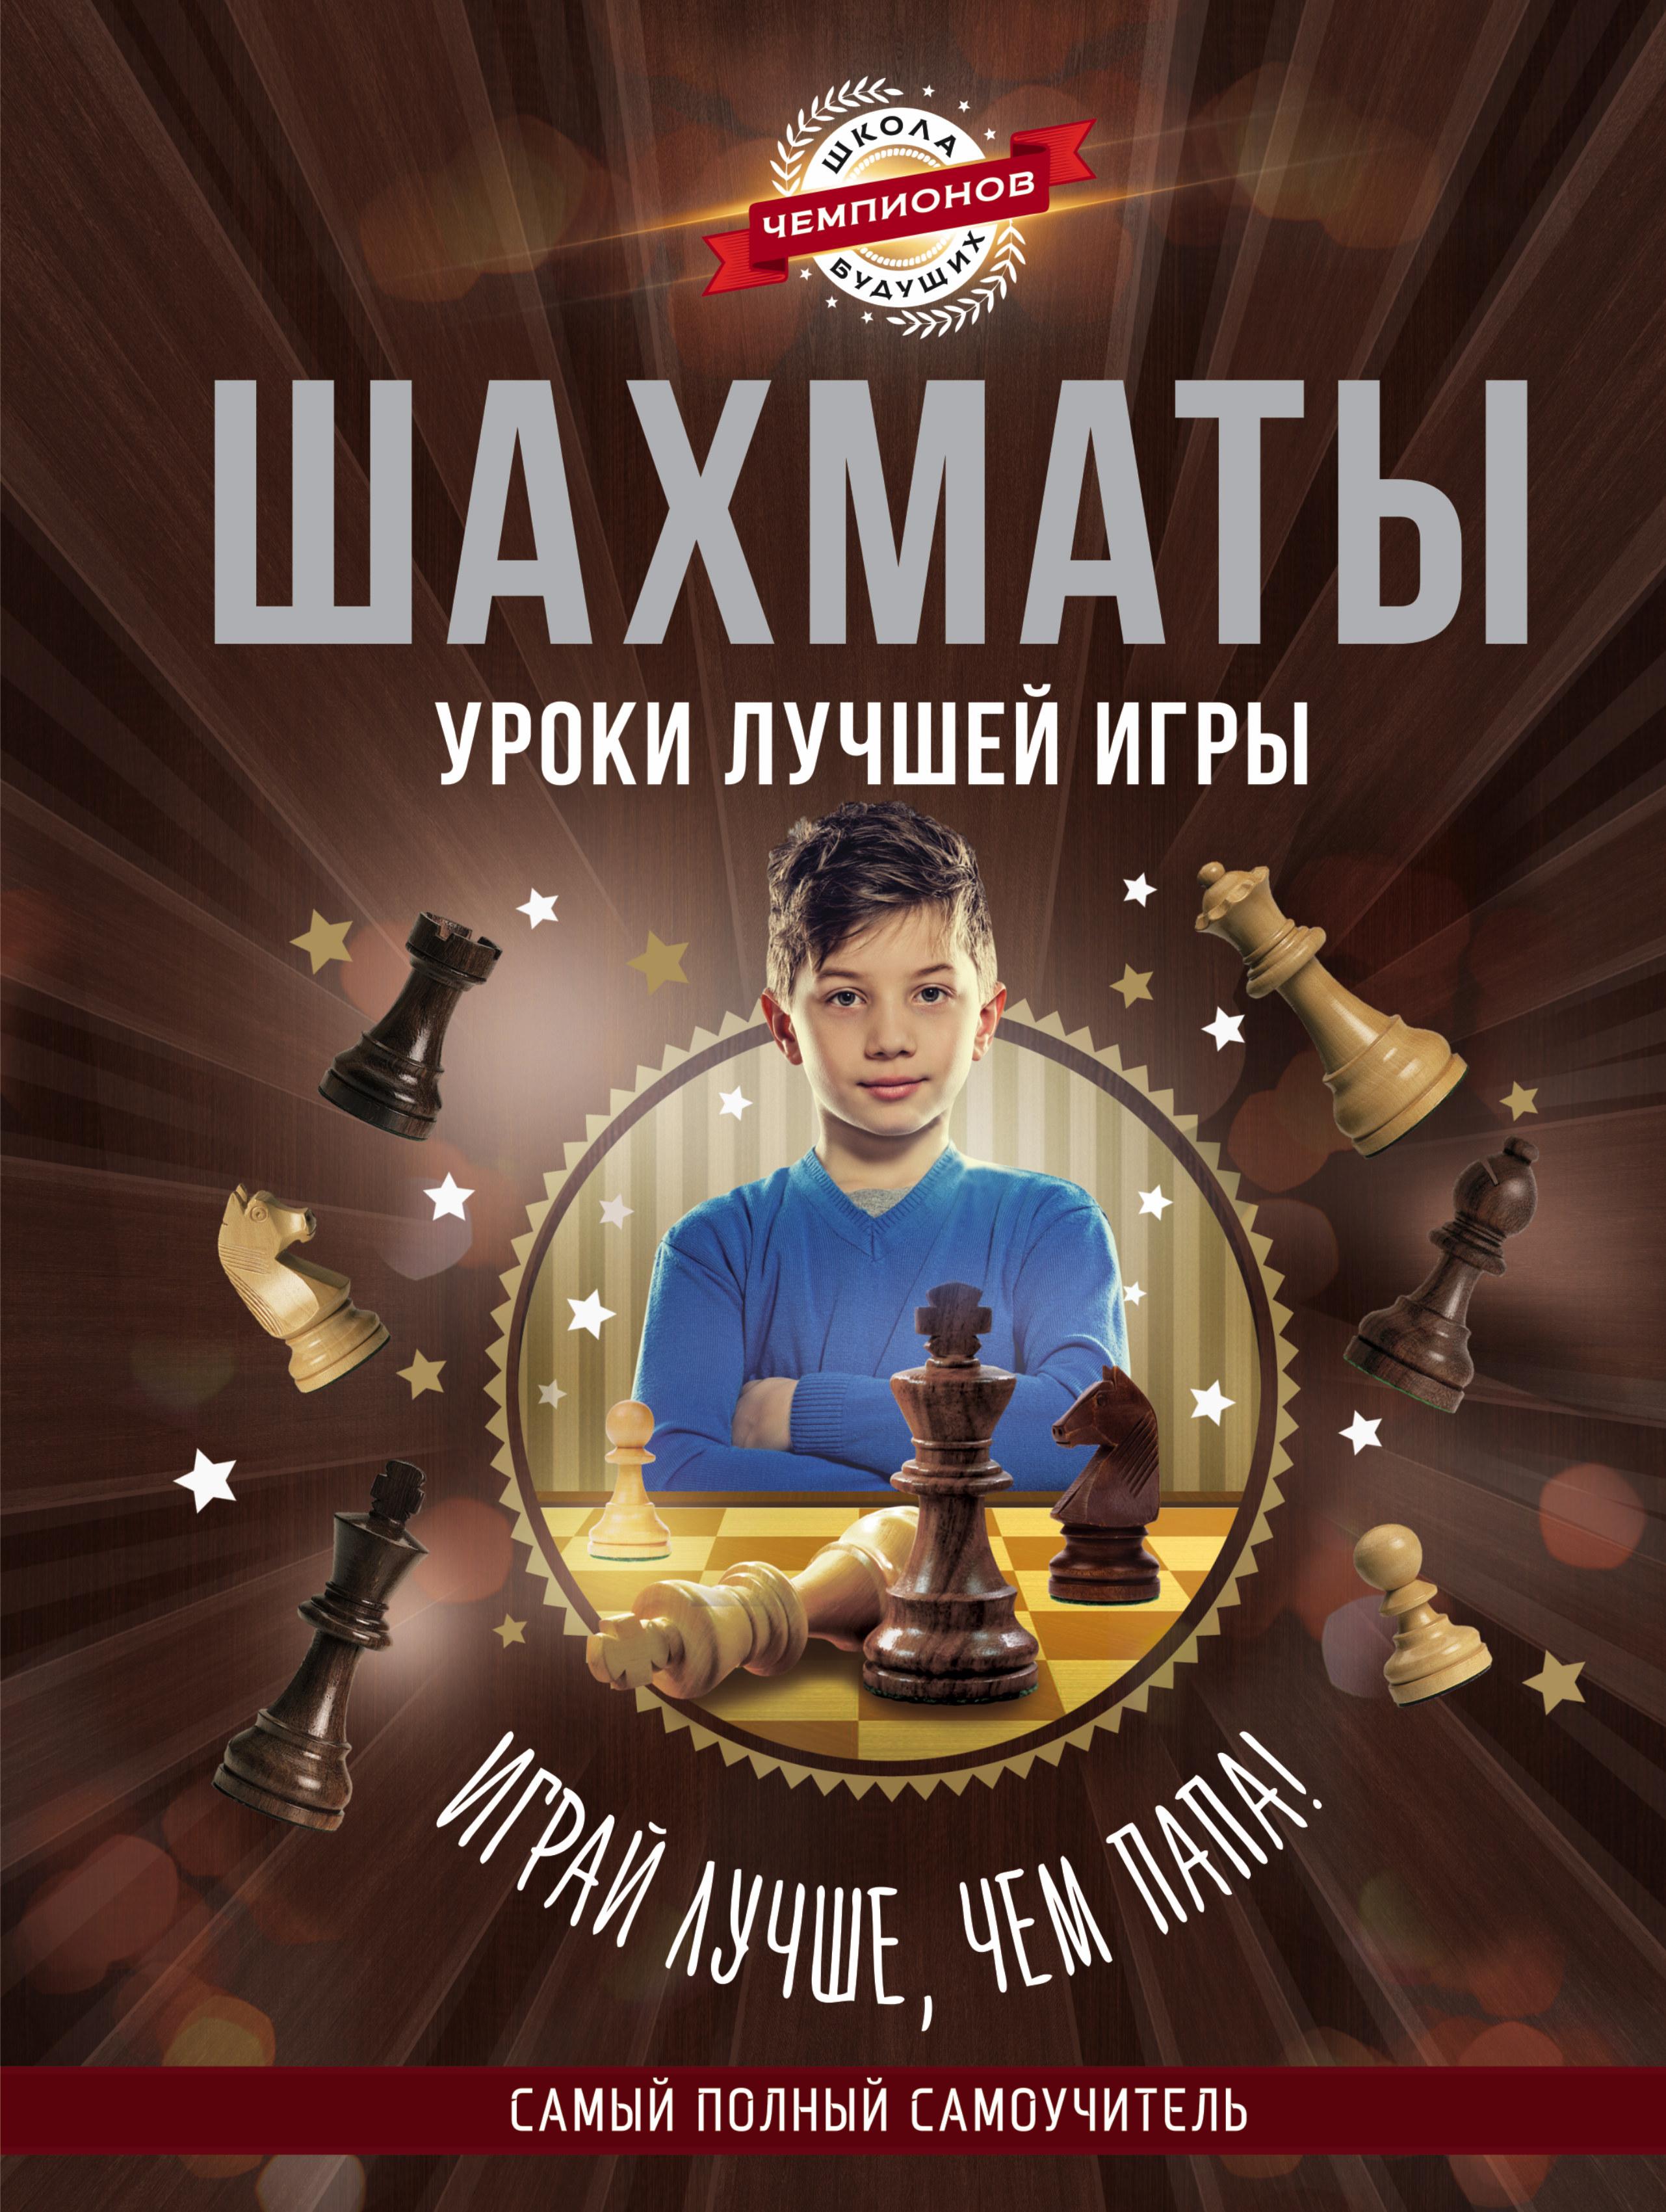 . Шахматы. Уроки лучшей игры - самый полный самоучитель. Играй лучше, чем папа! шахматы уроки лучшей игры